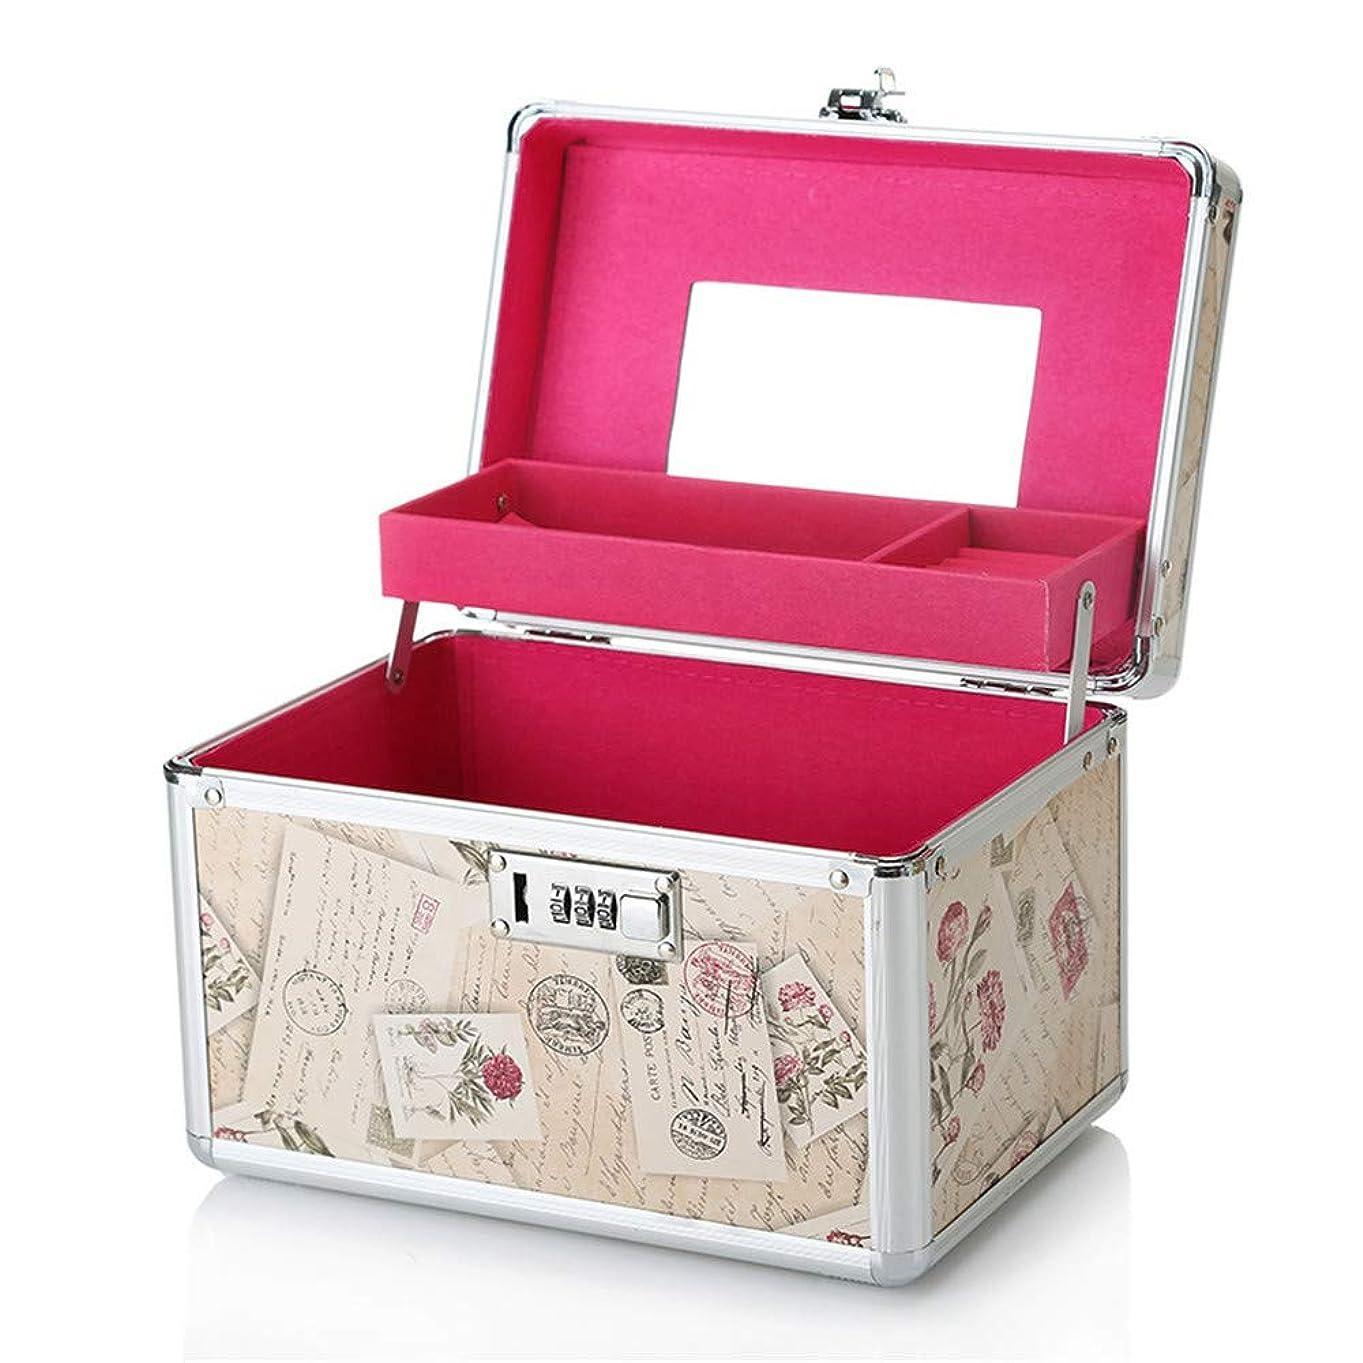 ガードグラディス必要とする特大スペース収納ビューティーボックス 美の構造のためそしてジッパーおよび折る皿が付いている女の子の女性旅行そして毎日の貯蔵のための高容量の携帯用化粧品袋 化粧品化粧台